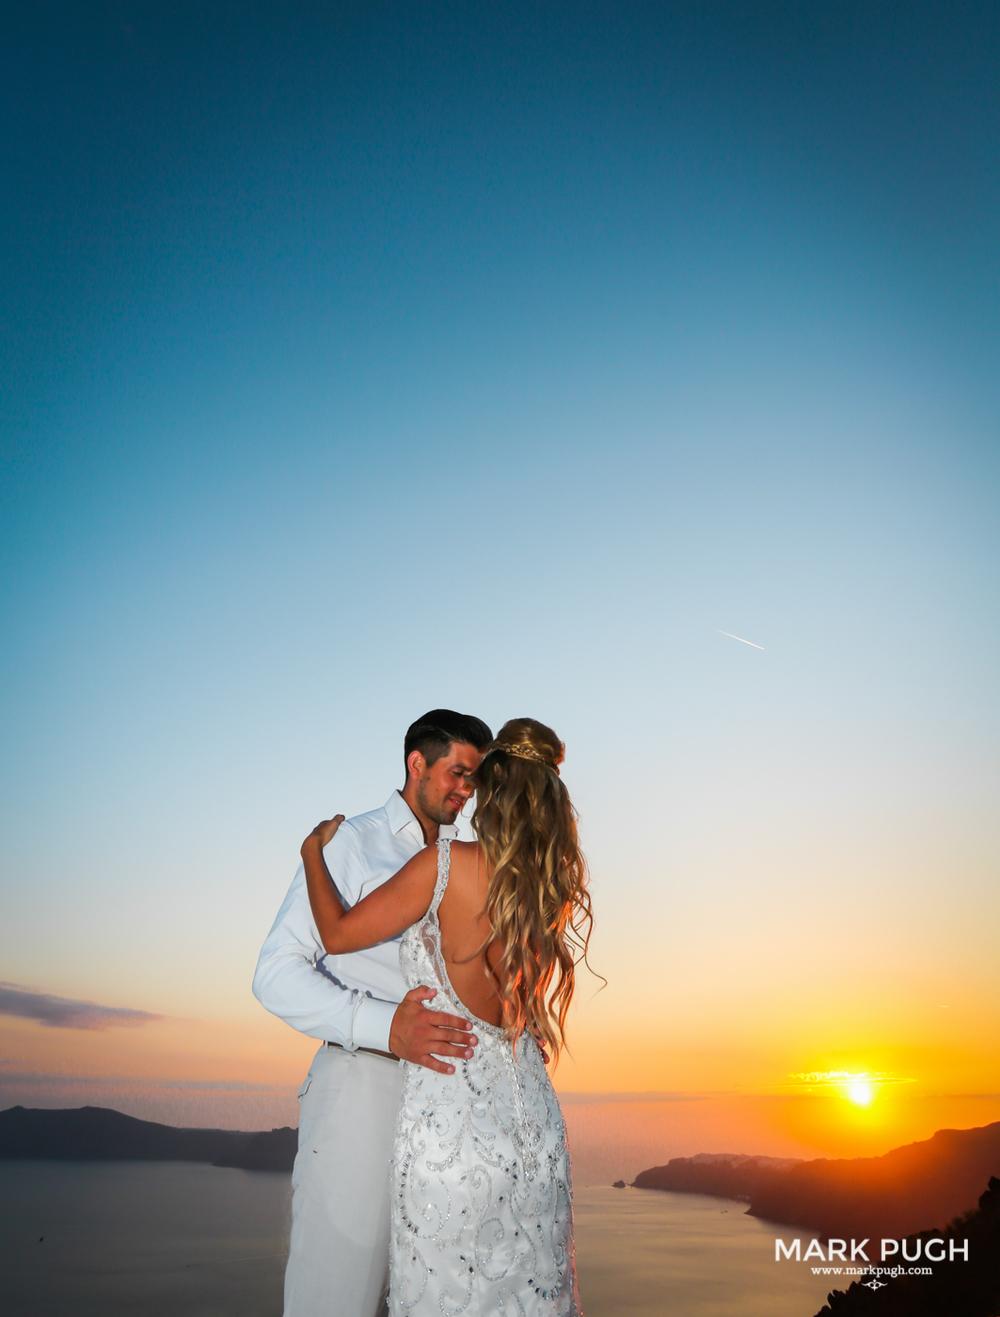 083 - Kerry and Lee - Destination Wedding in Santorini by www.markpugh.com -0978.JPG